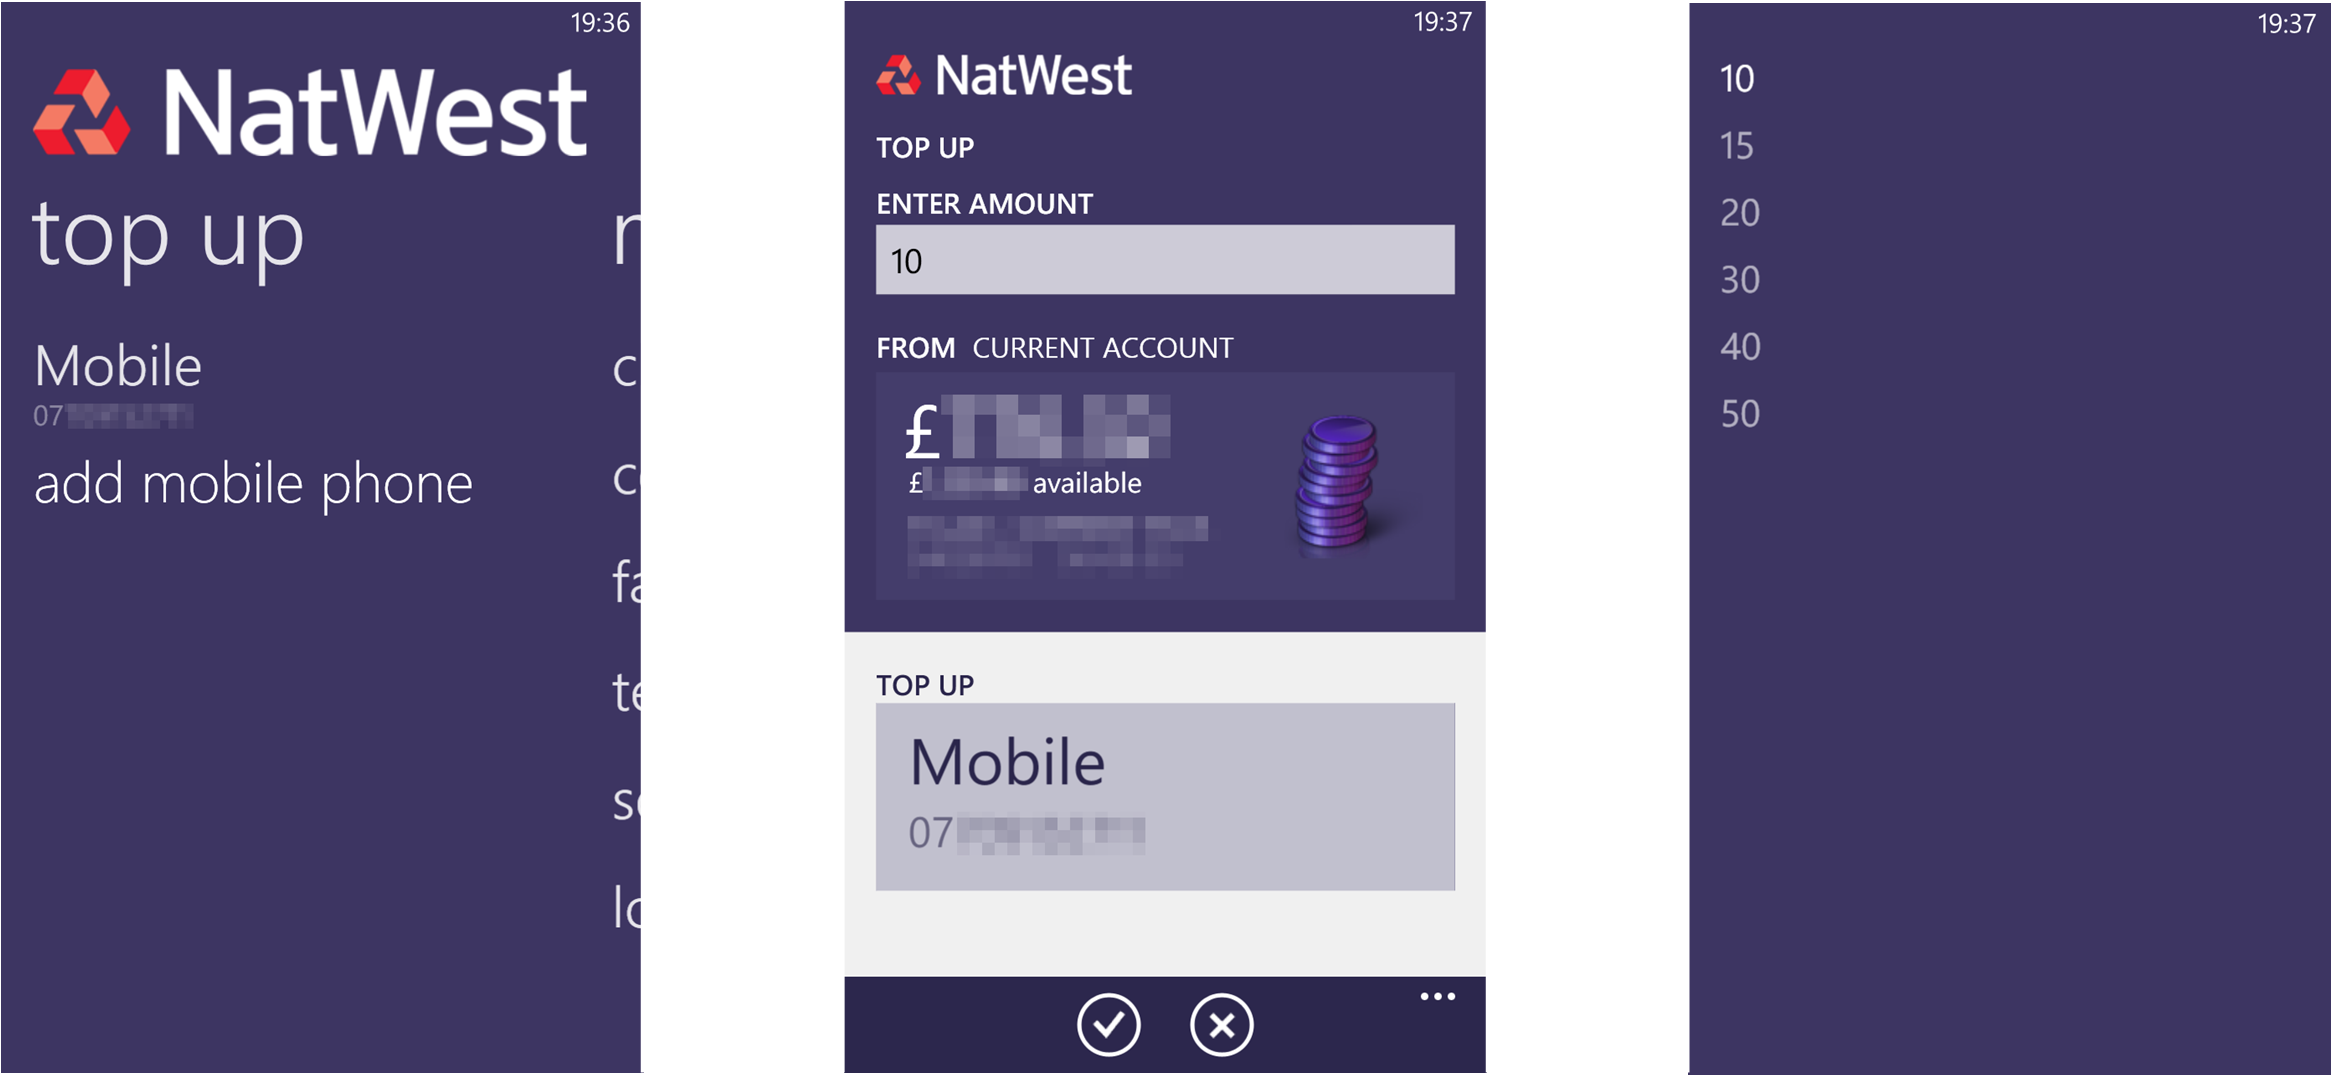 NatWest App (7) TopUp